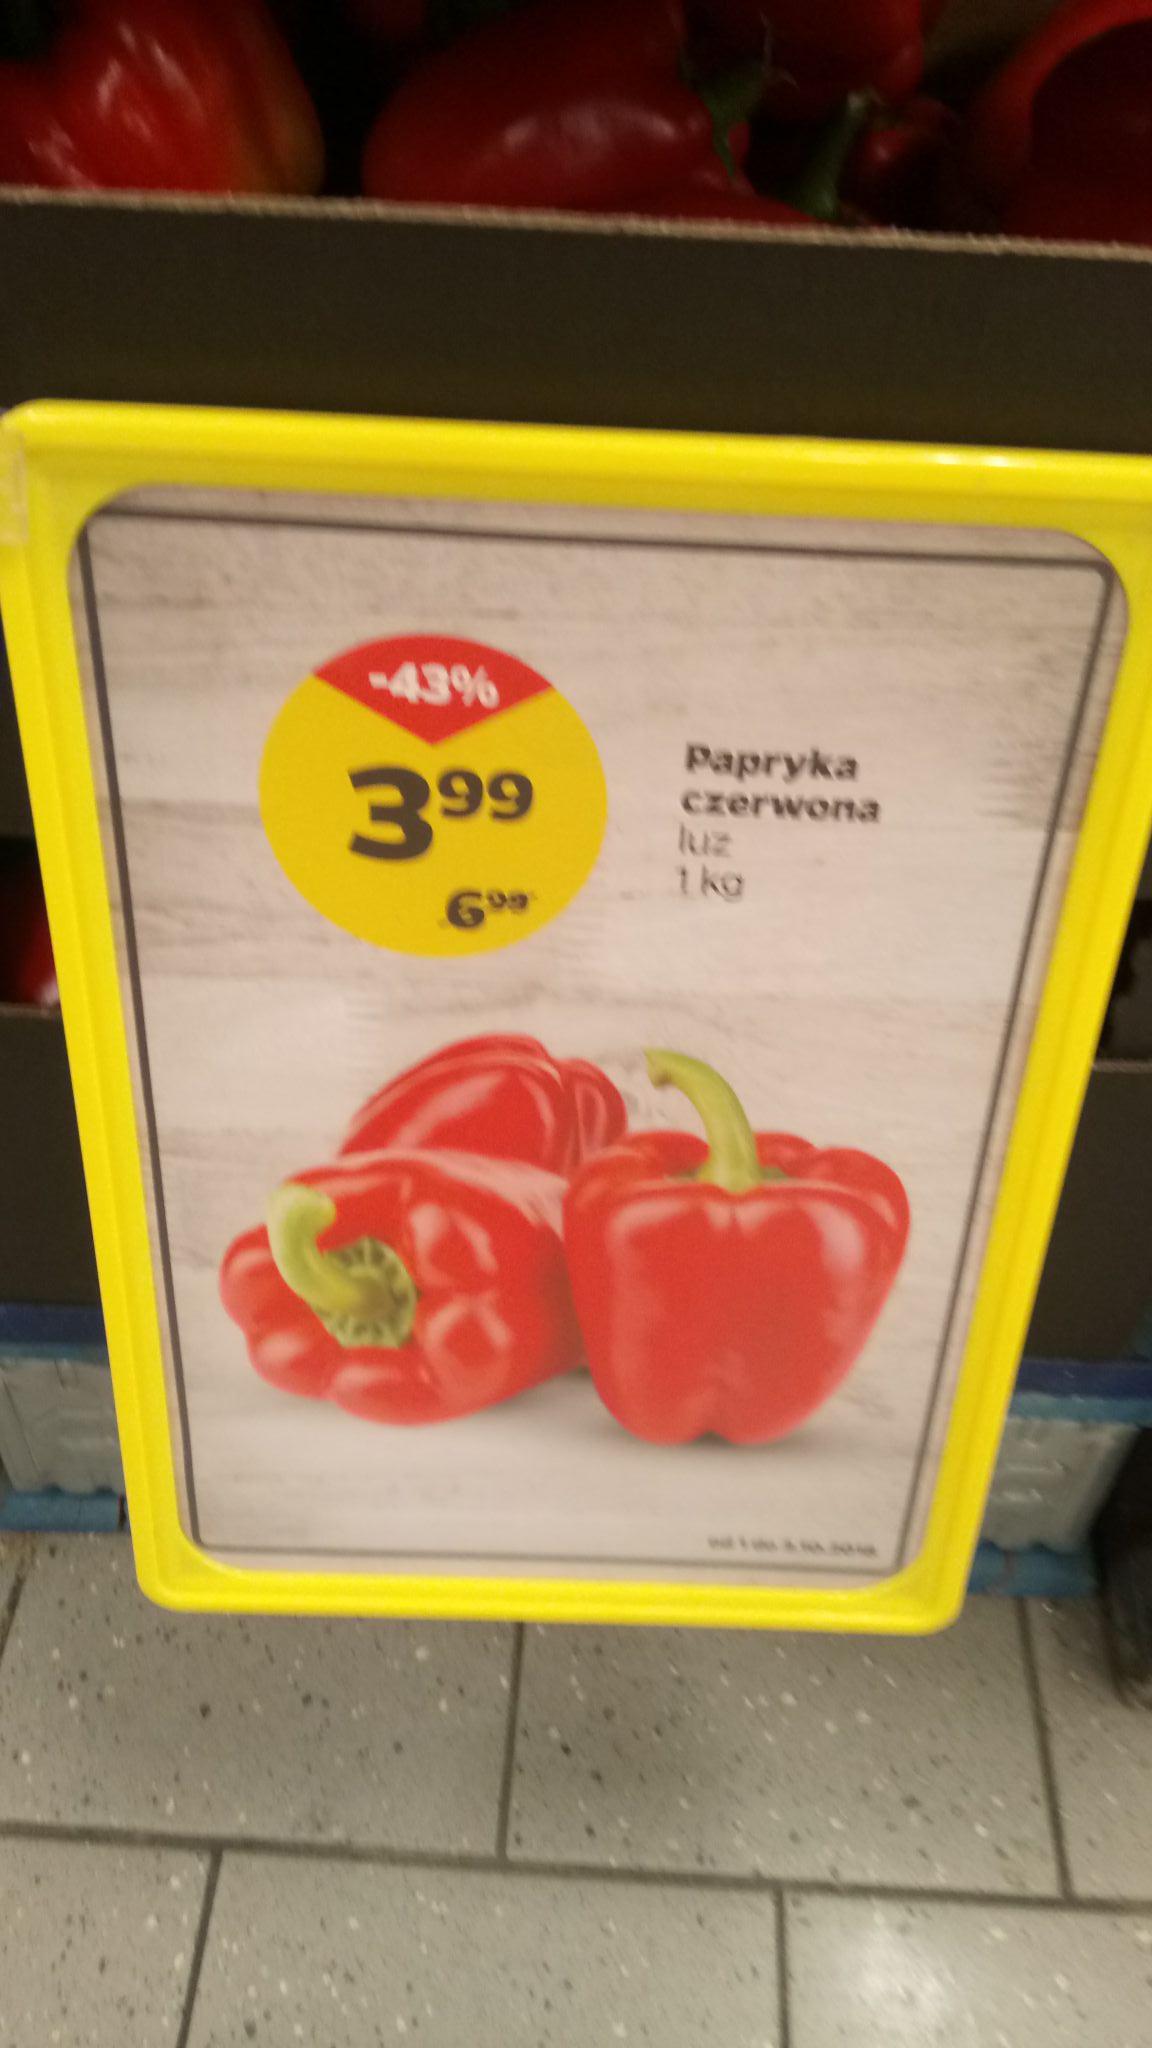 Papryka w Netto 3.99 zł 1 kg.